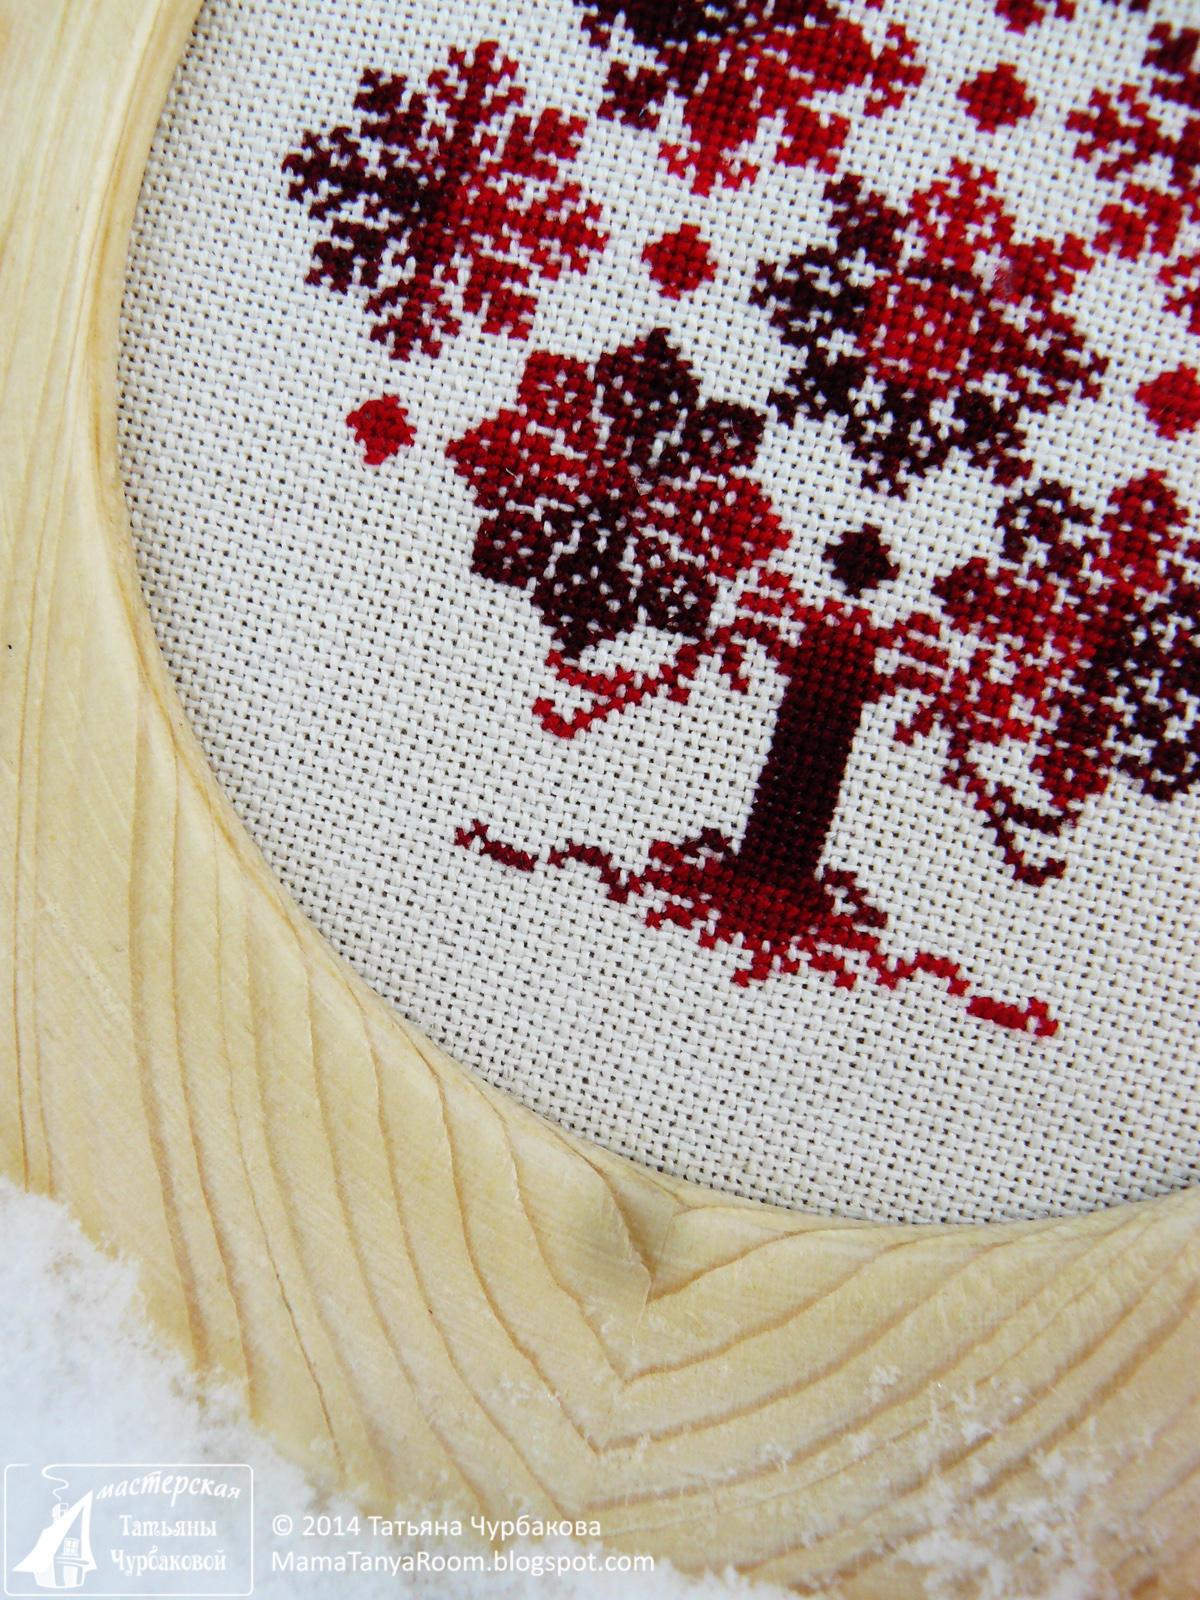 вышивка дерево из снежинок дизайн The Cricket Collection